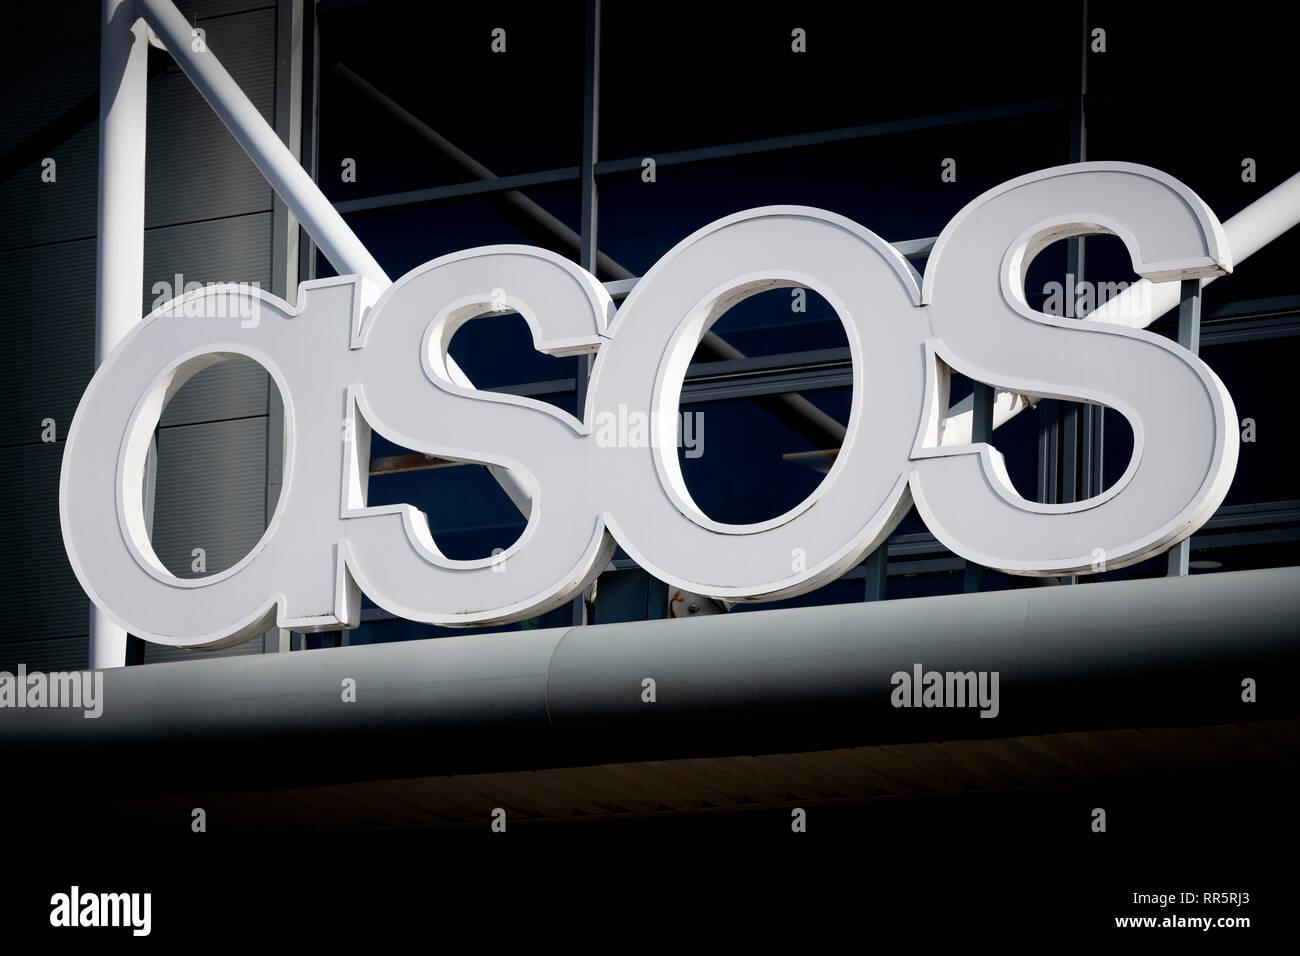 La signalisation d'Asos au-dessus de l'entrepôt de distribution de la société dans la périphérie de Barnsley, UK (usage éditorial uniquement) Photo Stock